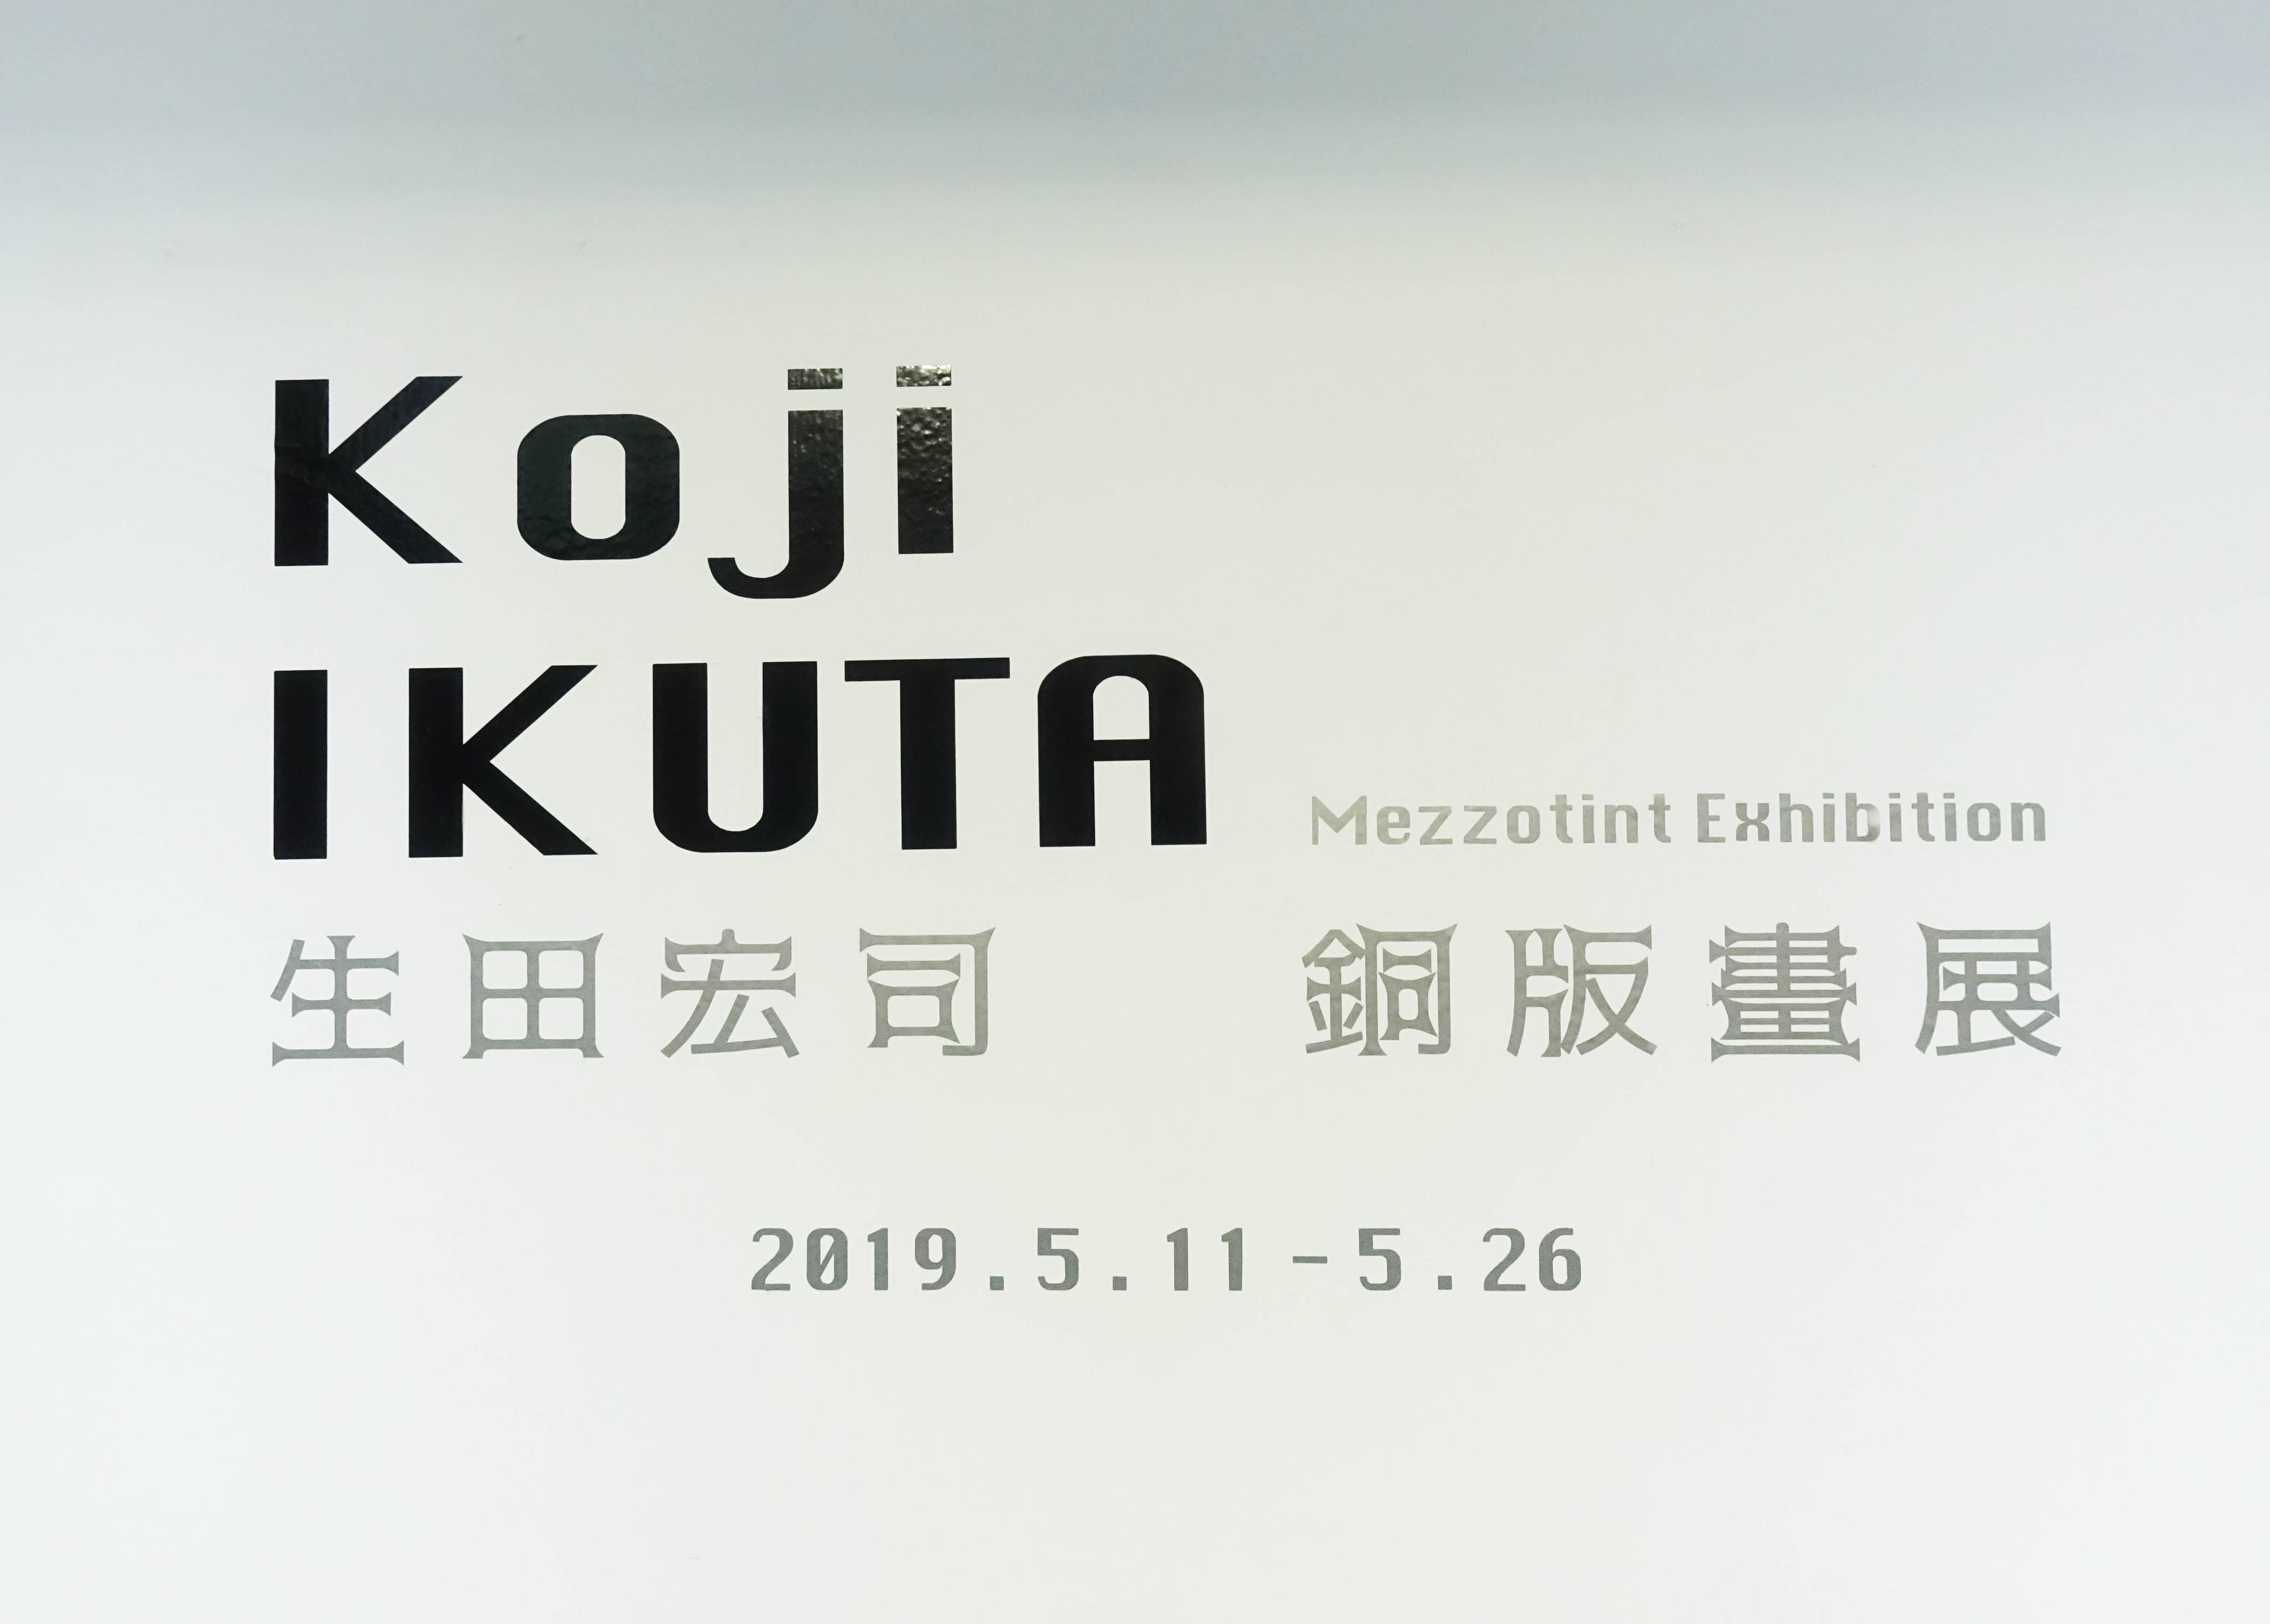 生田宏司銅版畫展 展覽現場主視覺。